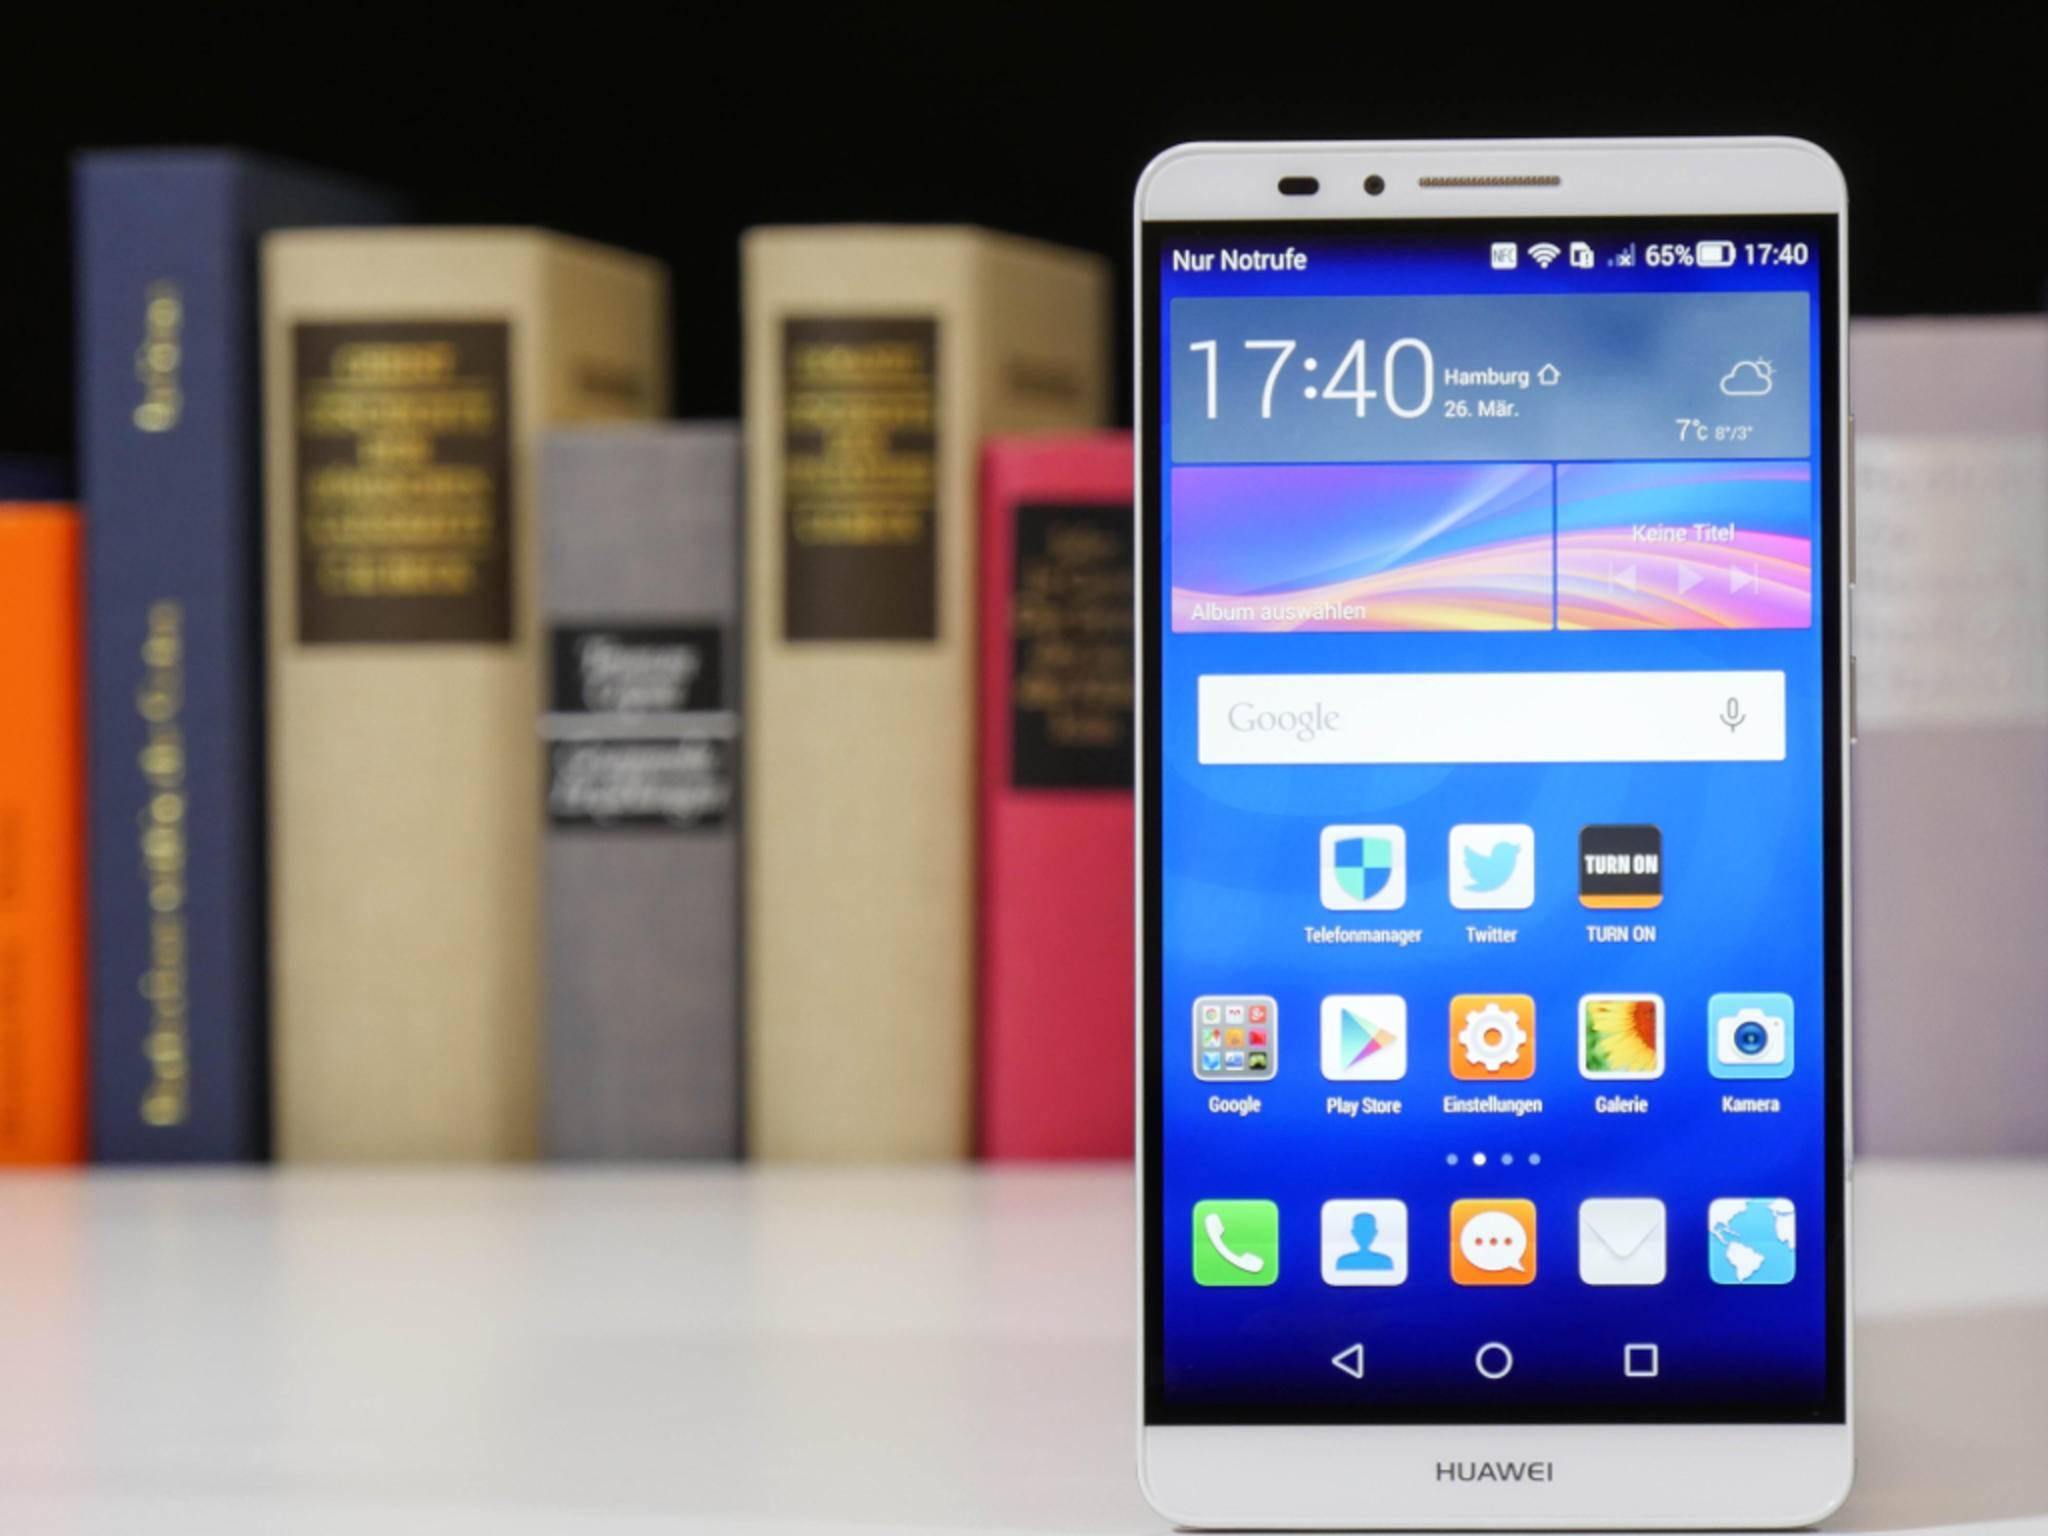 Das Huawei Ascend Mate 7 besitzt einen 6-Zoll-Screen mit Full HD.